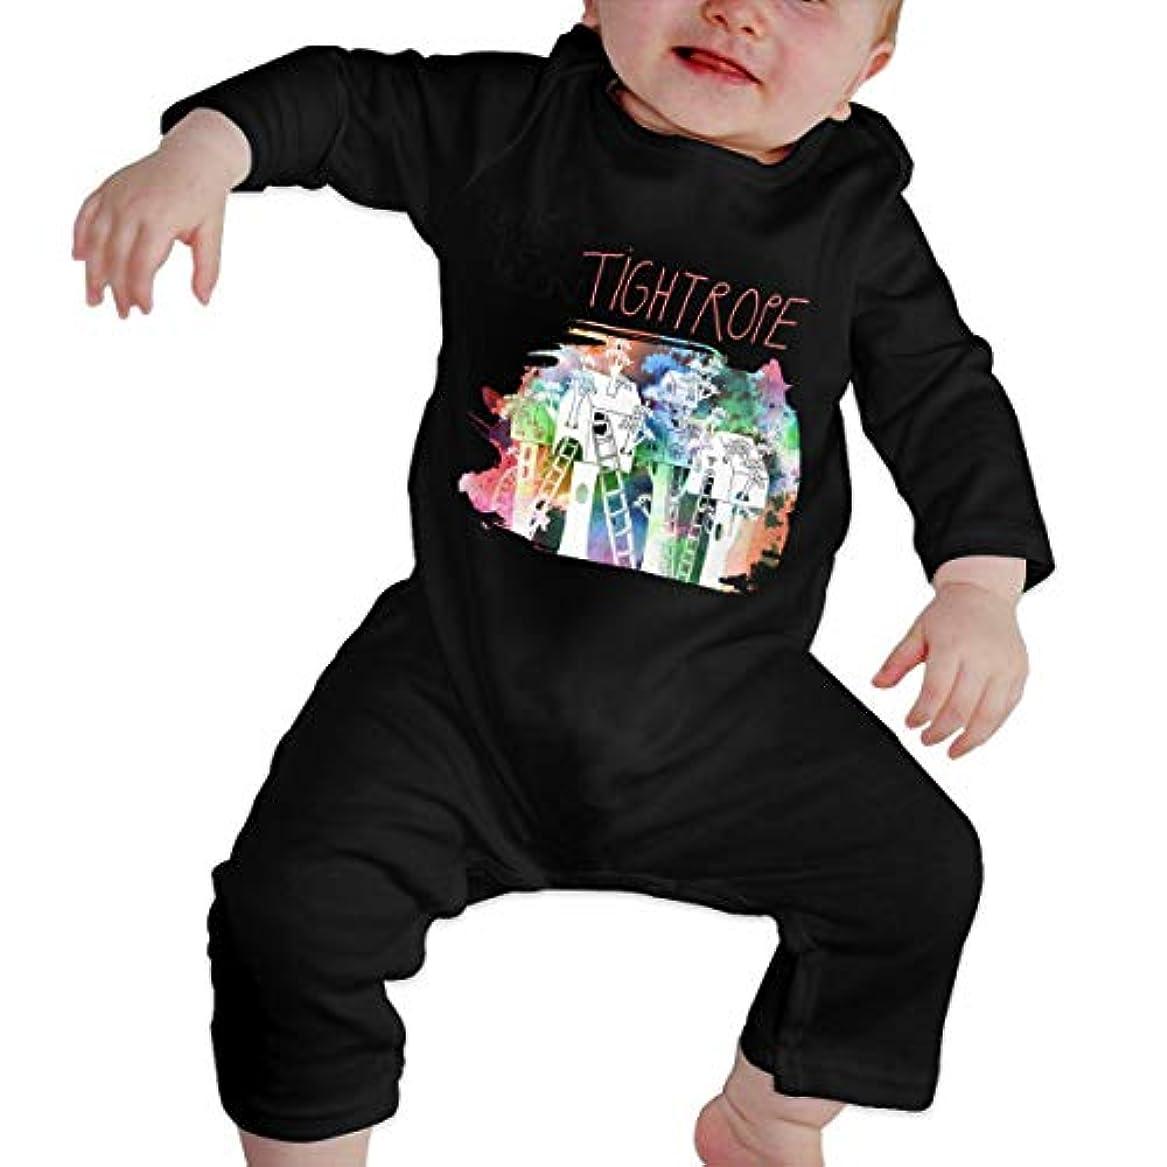 感嘆符ヶ月目デンマーク語Baby's、Kid's、Infant Utility、Cotton ジャンプスーツ、ロンパース、衣類、ボディスーツユニセックスベビークローラーブラック 12M